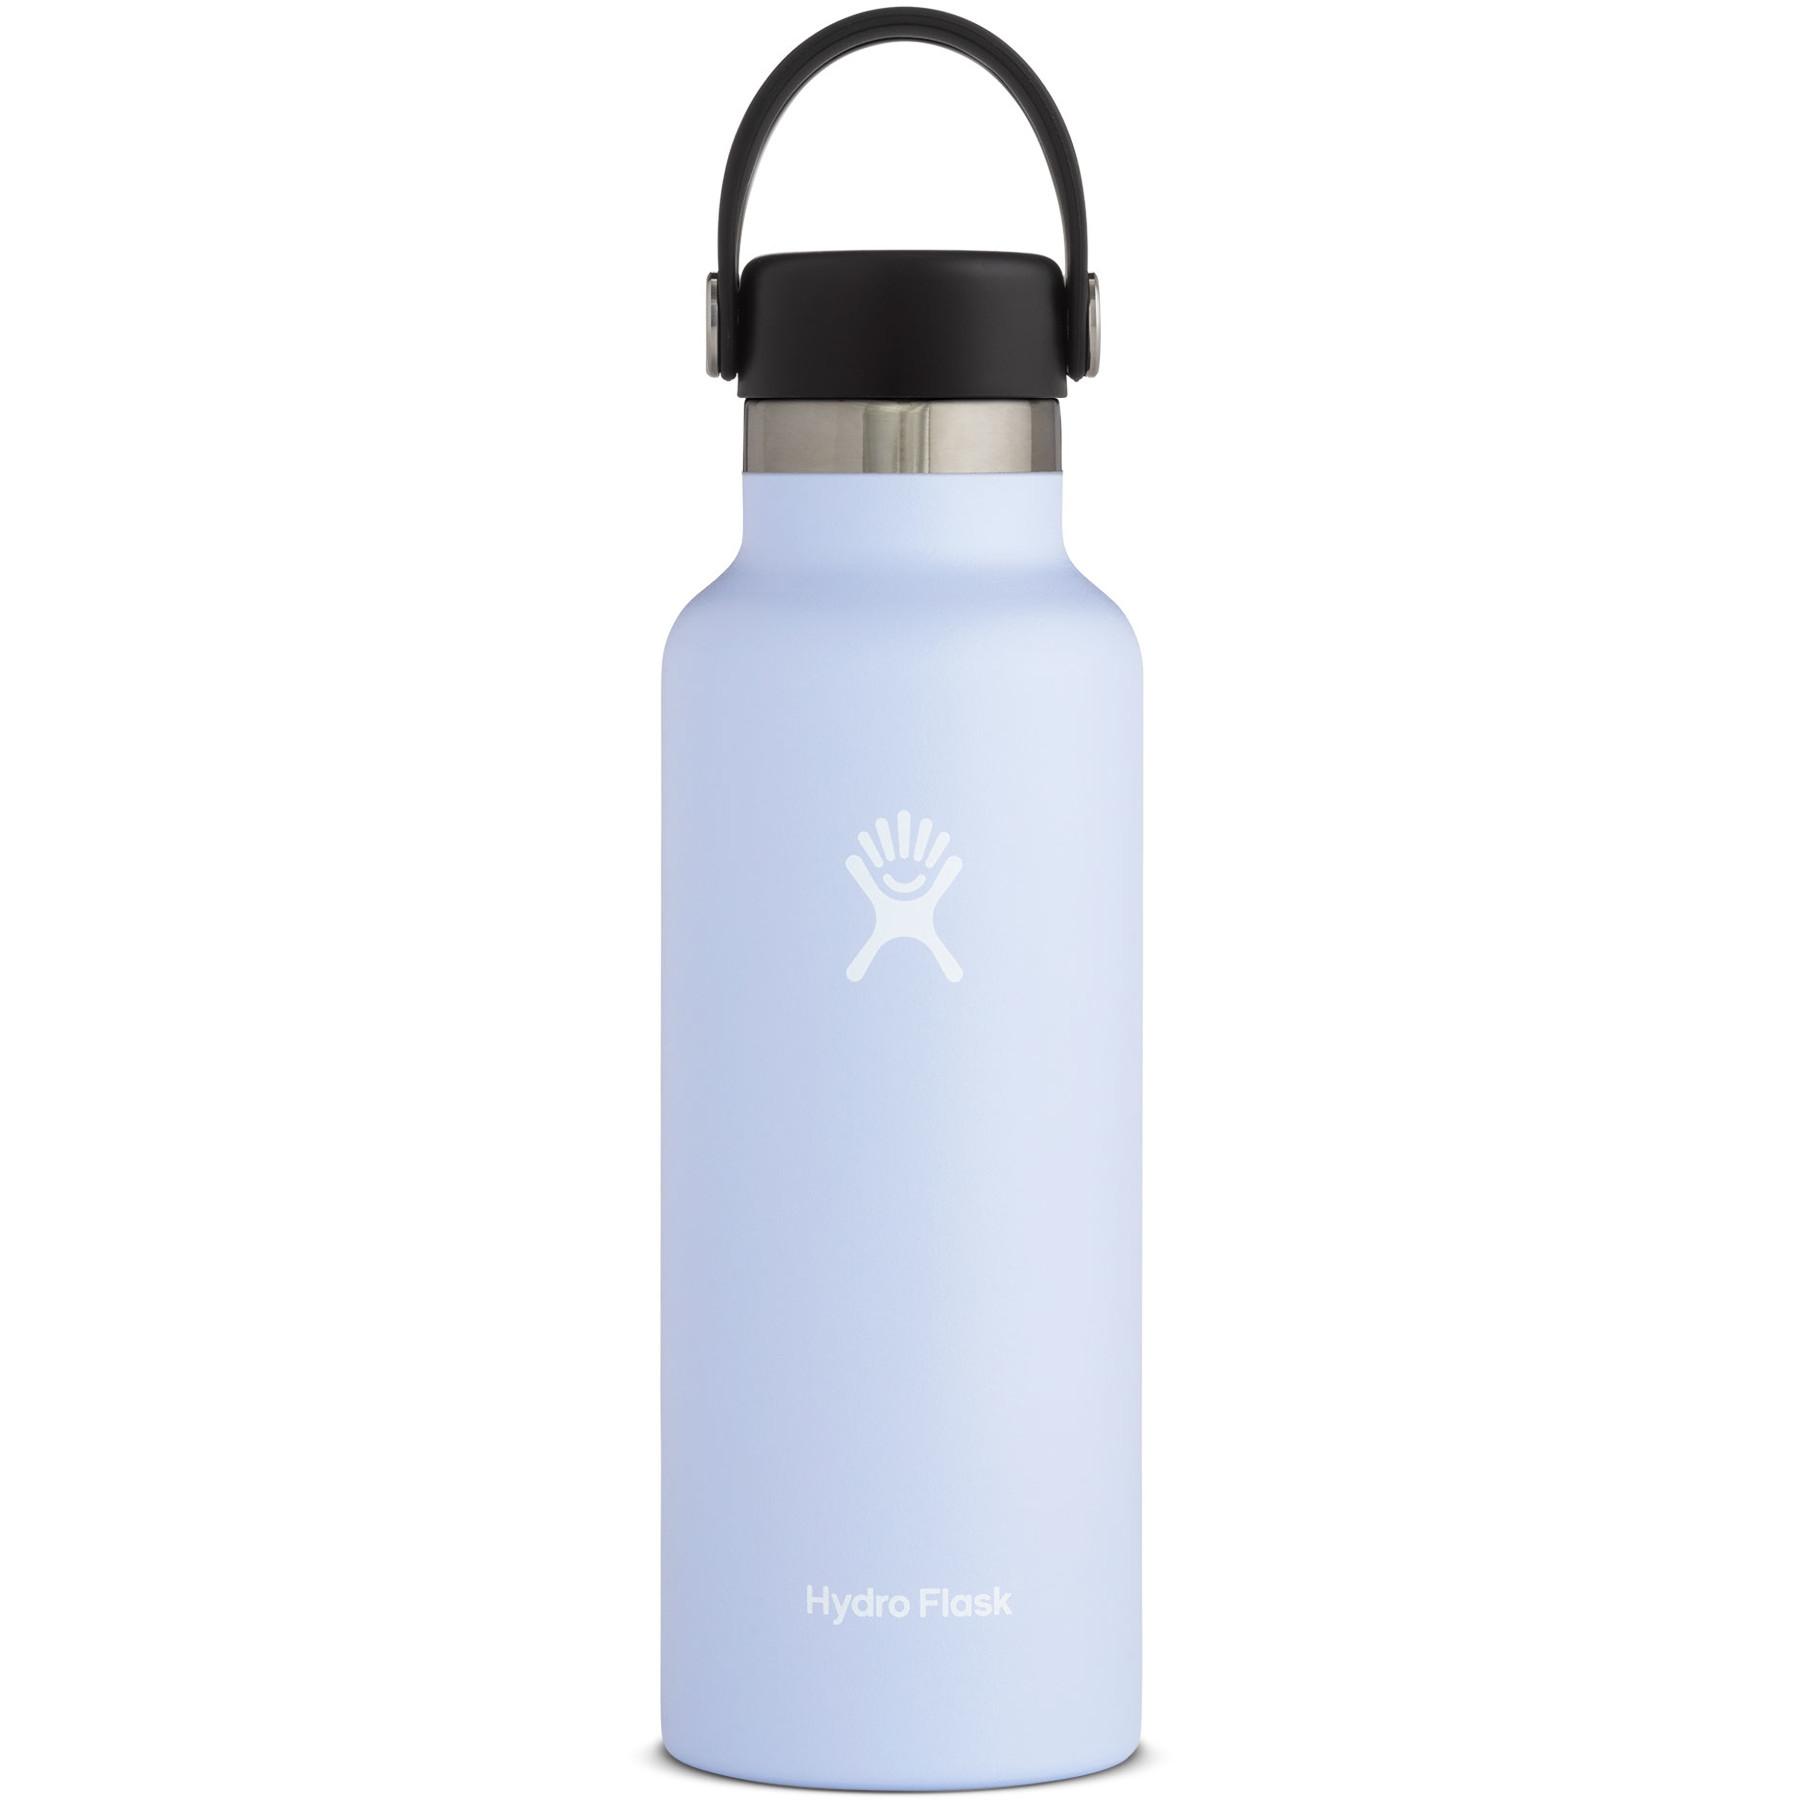 Produktbild von Hydro Flask 18 oz Standard Mouth Flex Cap Thermoflasche 532ml - Fog